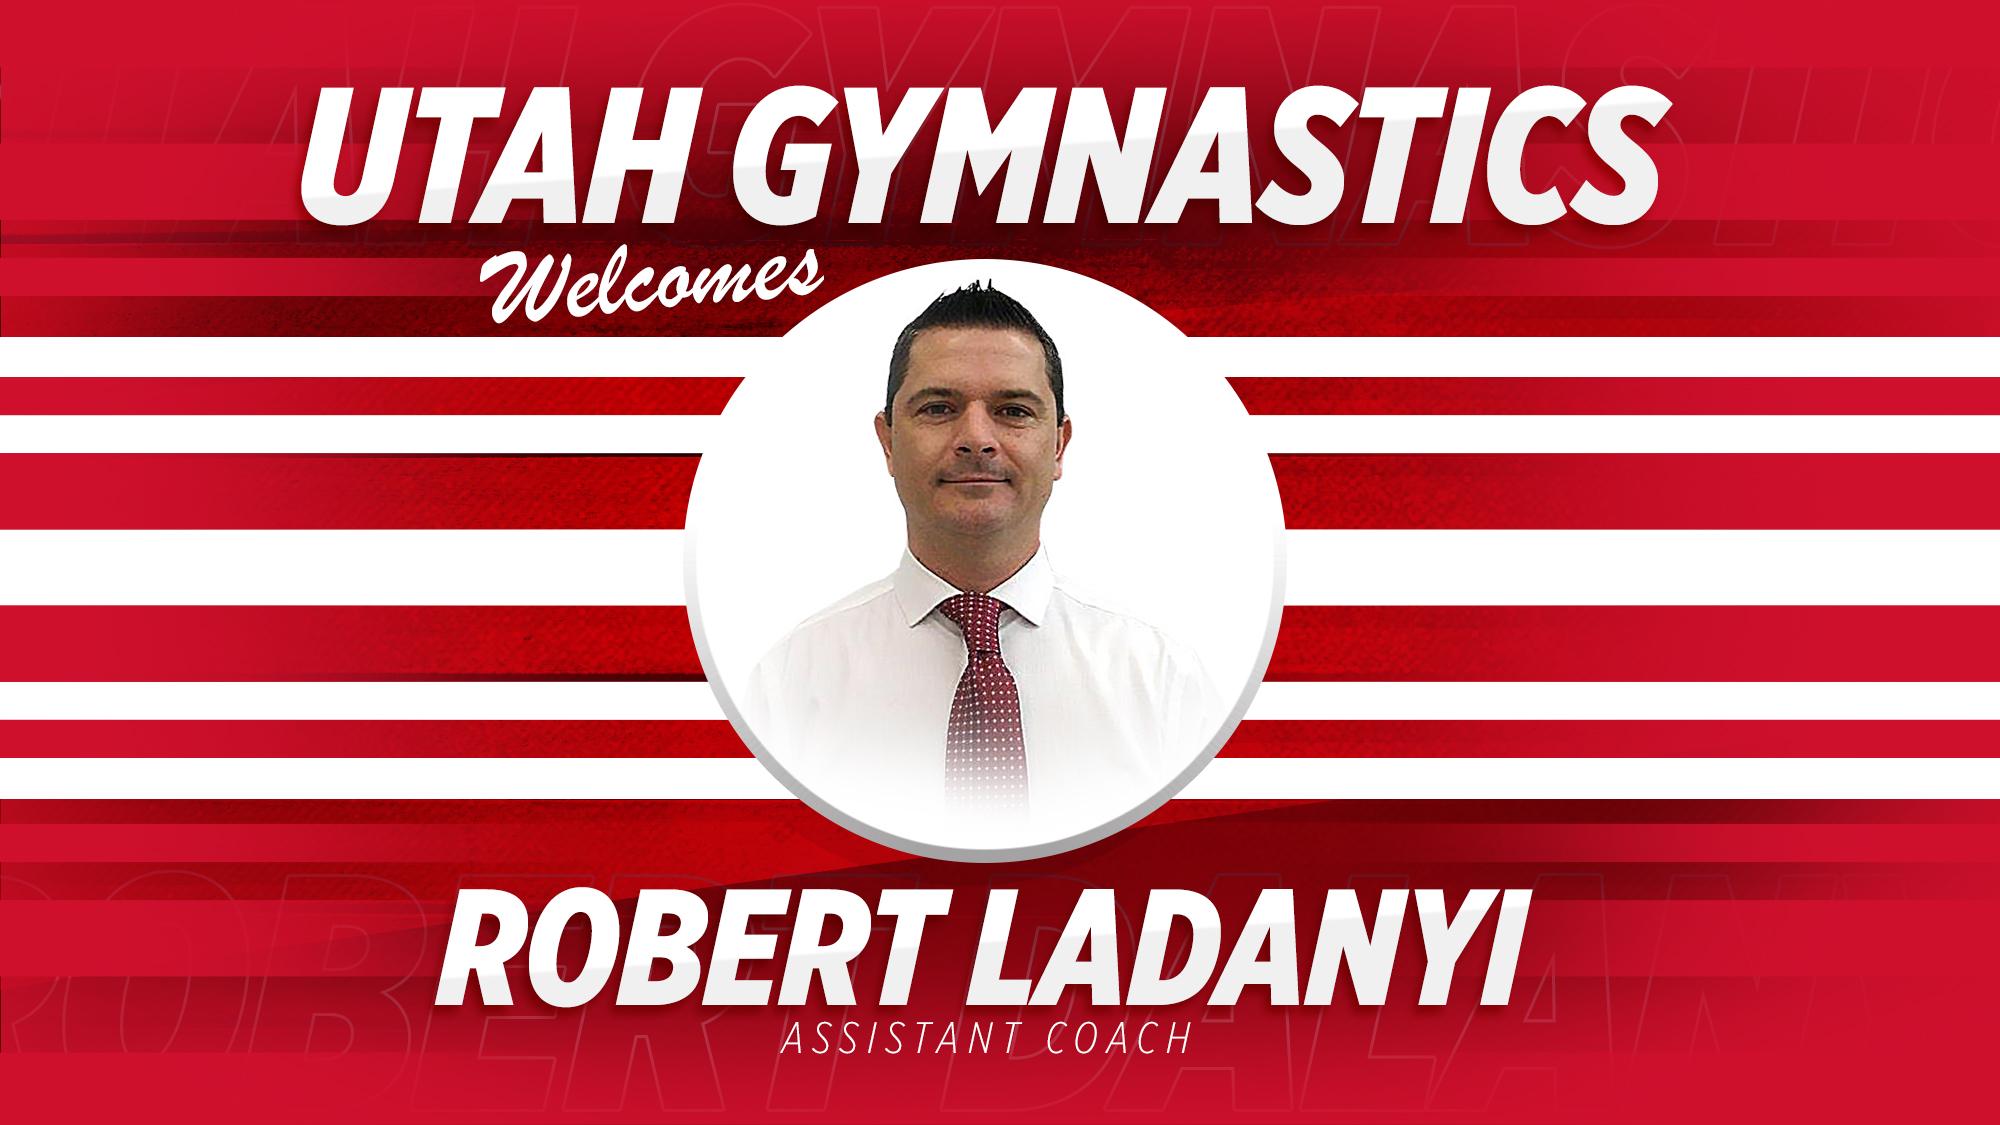 GY_Robert_Ladanyi_Announcement_Website_Header